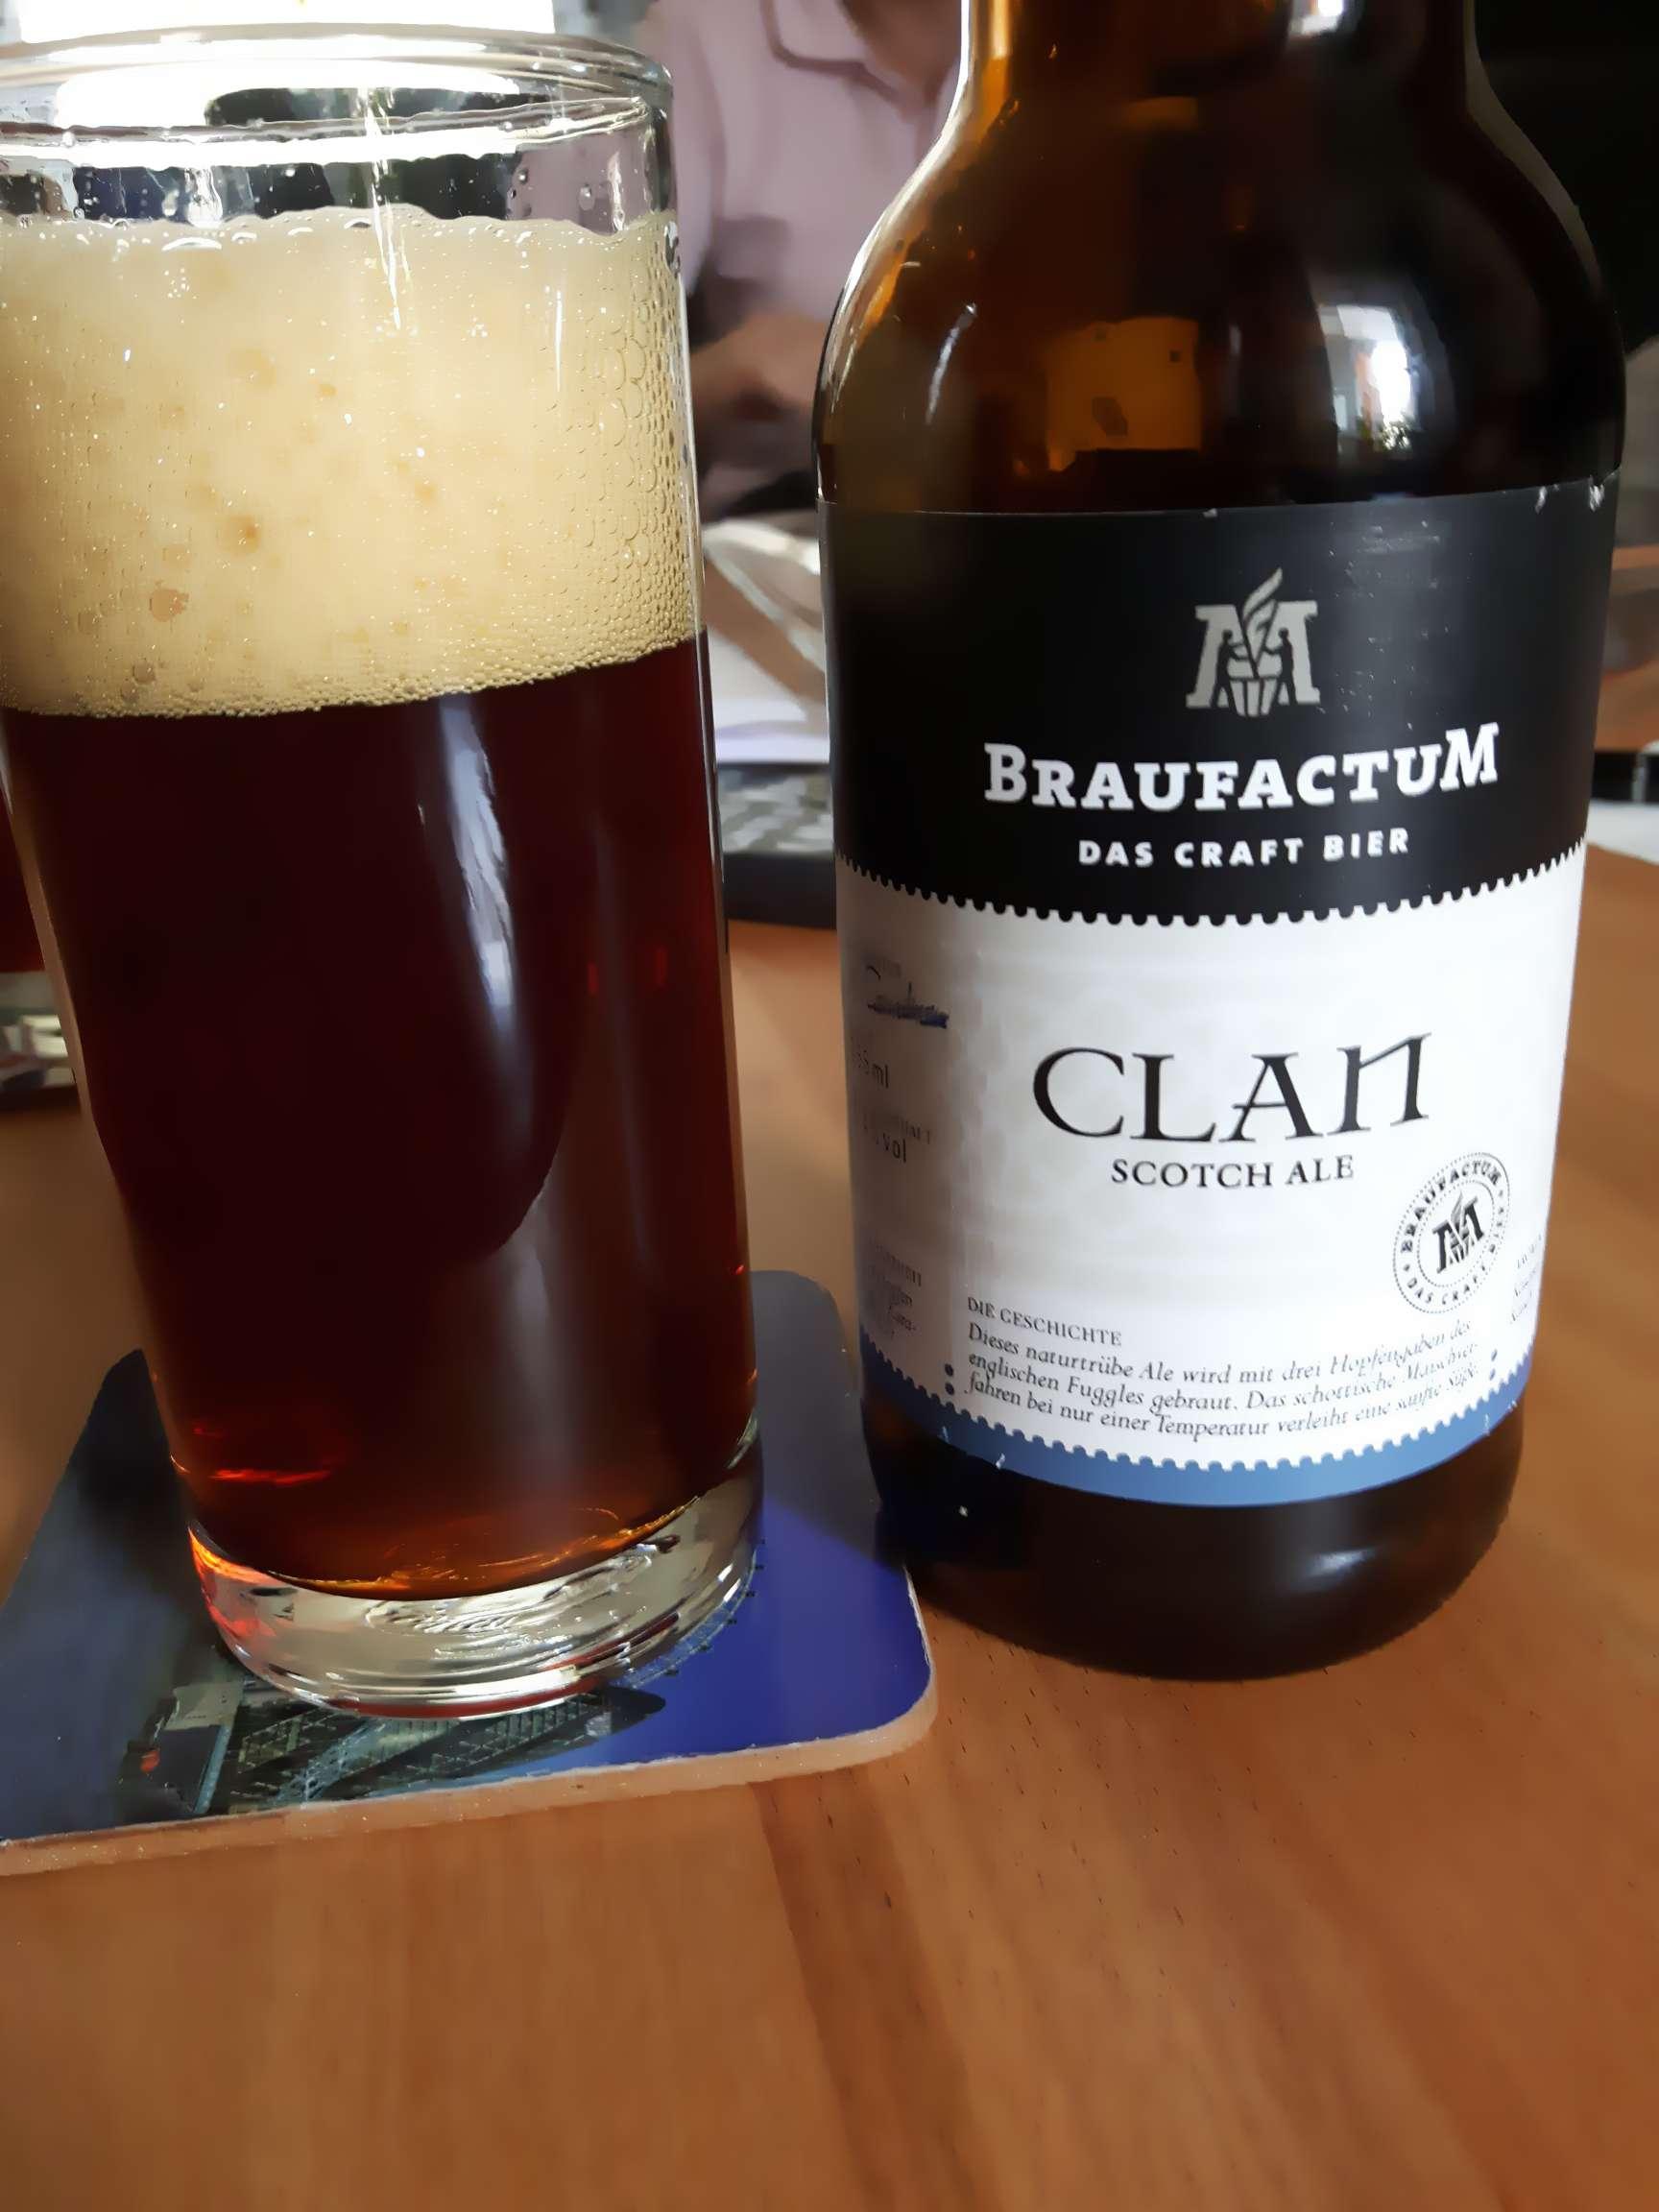 Braufactum_Clan_ScotchAle